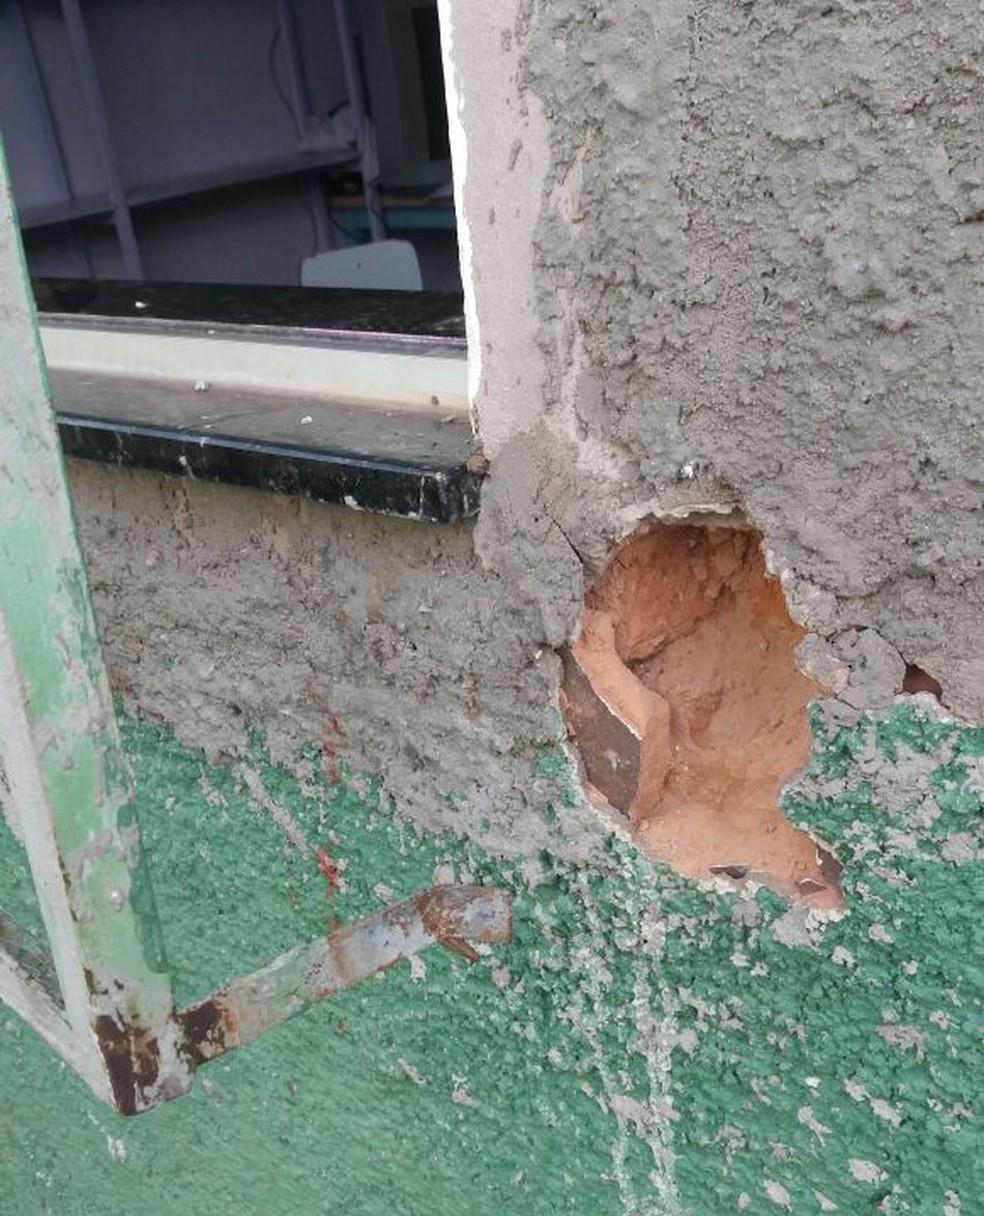 Vândalos danificaram grade de janela e arrombaram portas para furtar creche em Igaraçu do Tietê (Foto: Arquivo Pessoal)